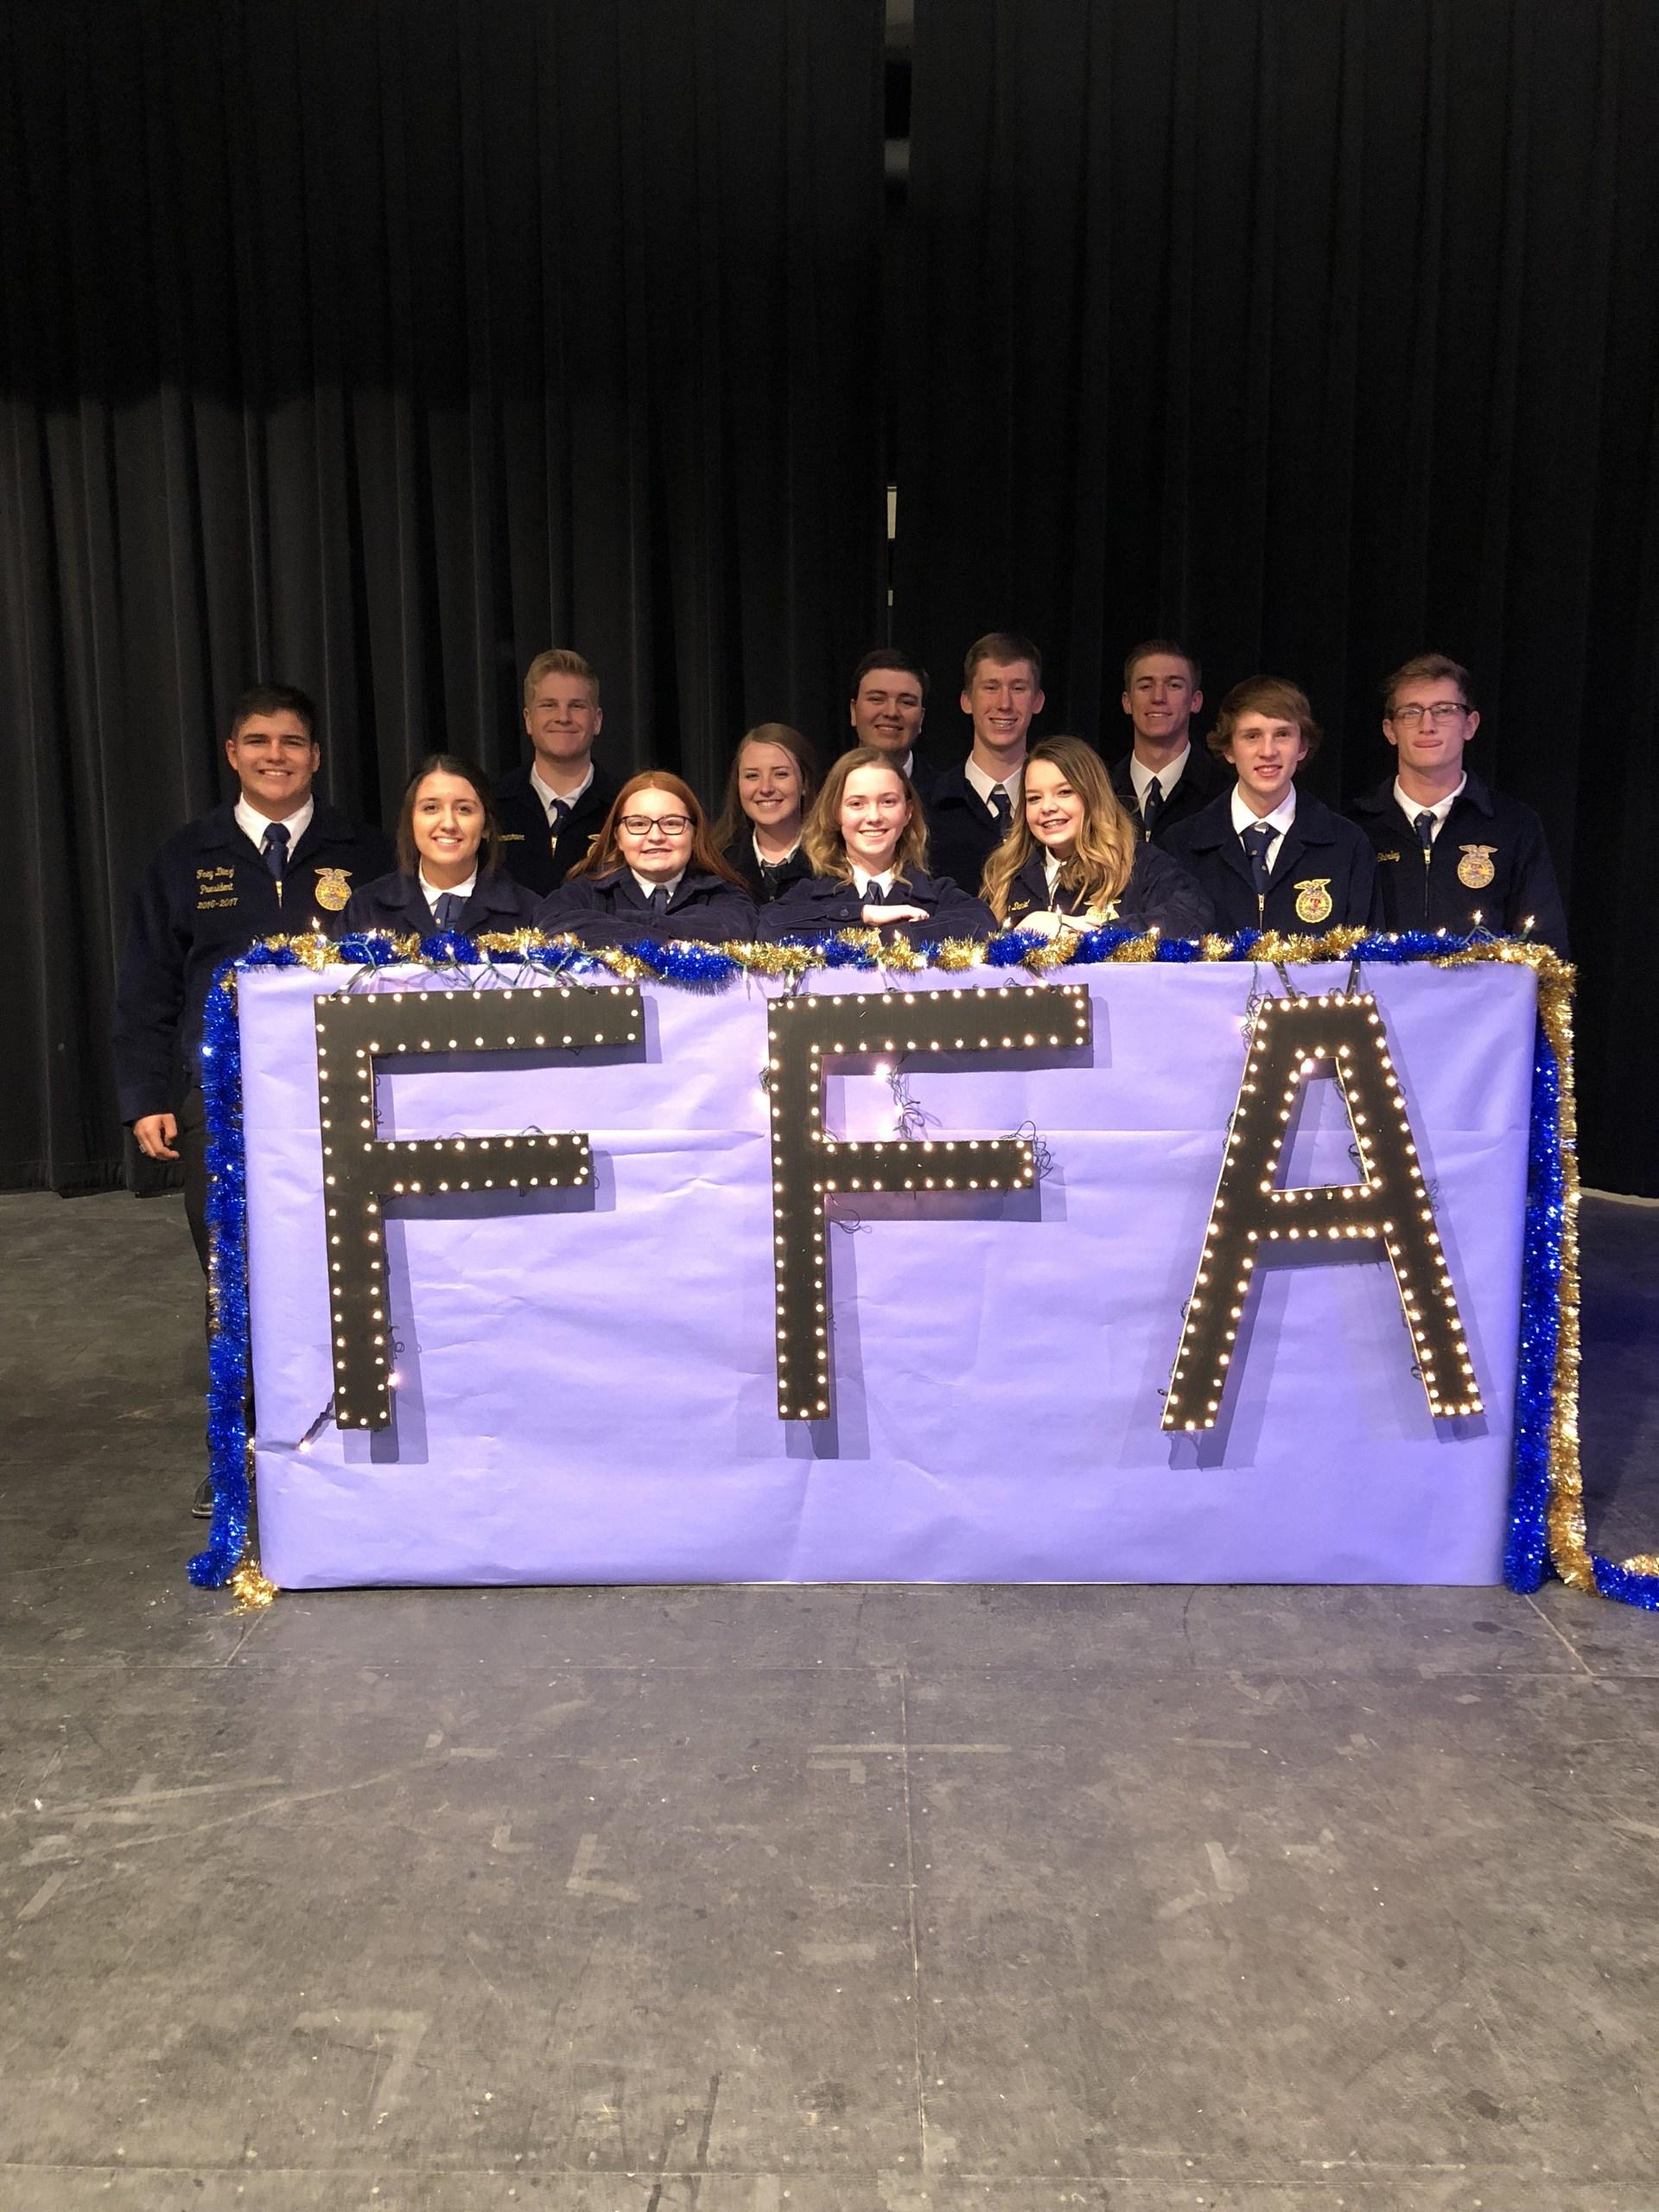 SHS FFA Group at banquet